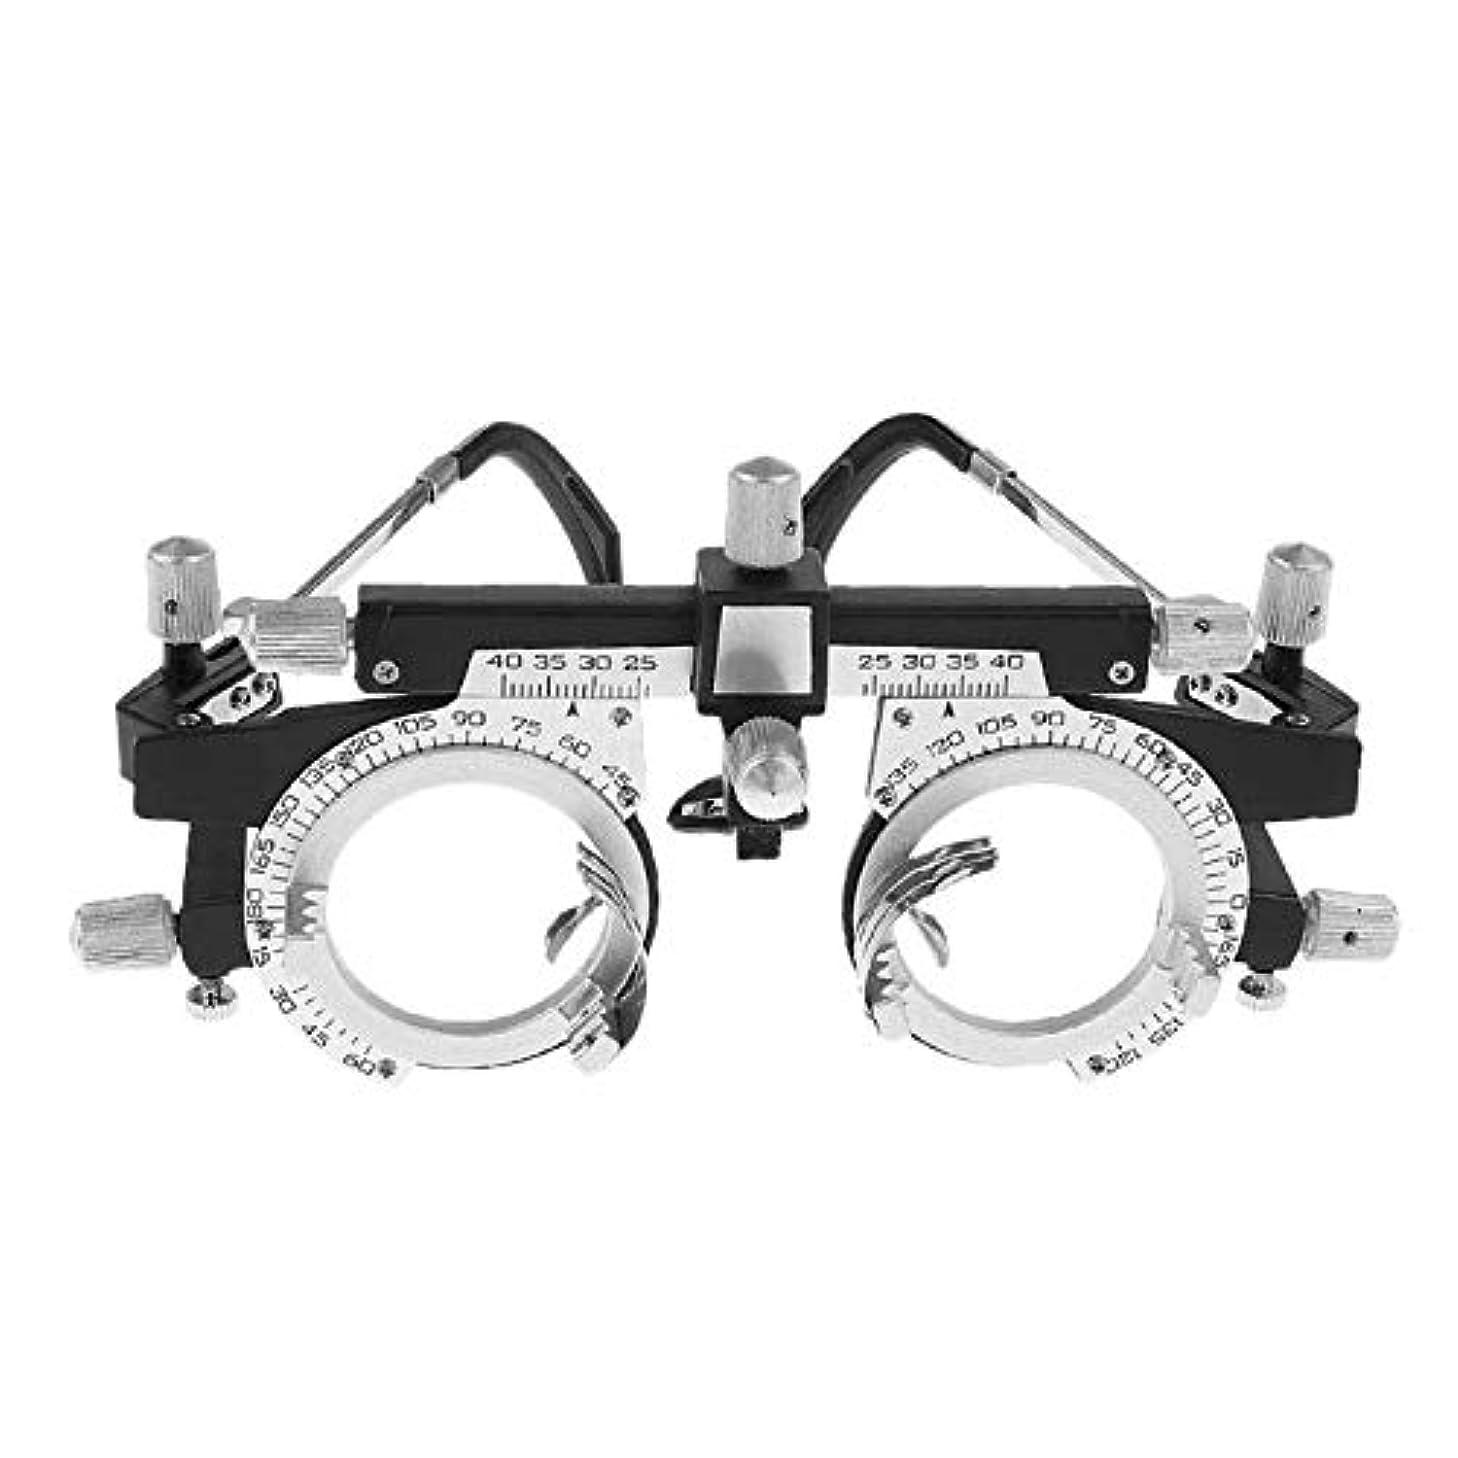 Ququack 調整可能なプロフェッショナルアイウェア検眼メタルフレーム光学眼鏡眼鏡トライアルレンズメタルフレームPD眼鏡アクセサリー